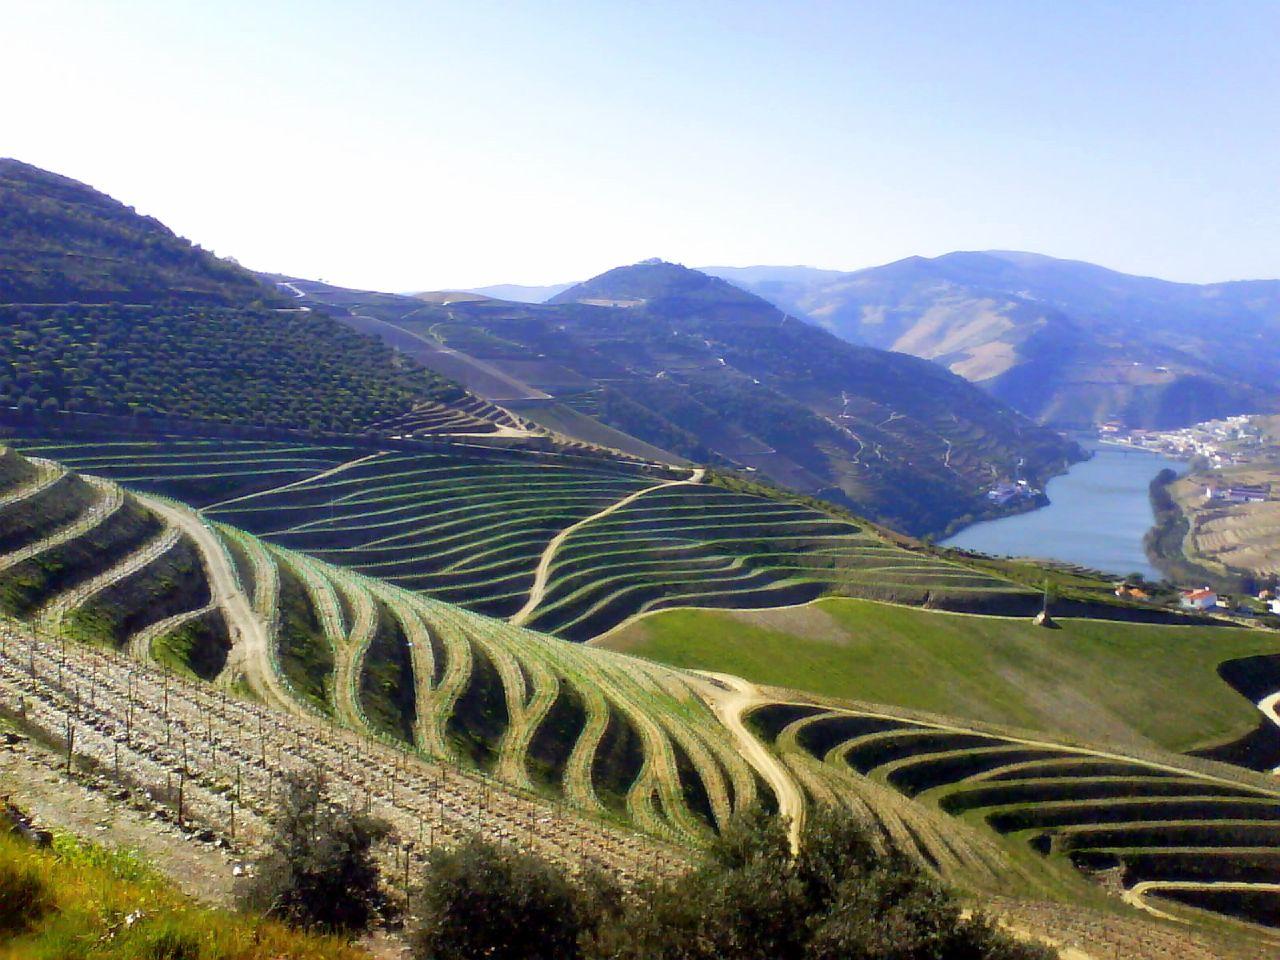 Plus de 150 groupes de la société civile appellent à une réforme des politiques agricoles européennes